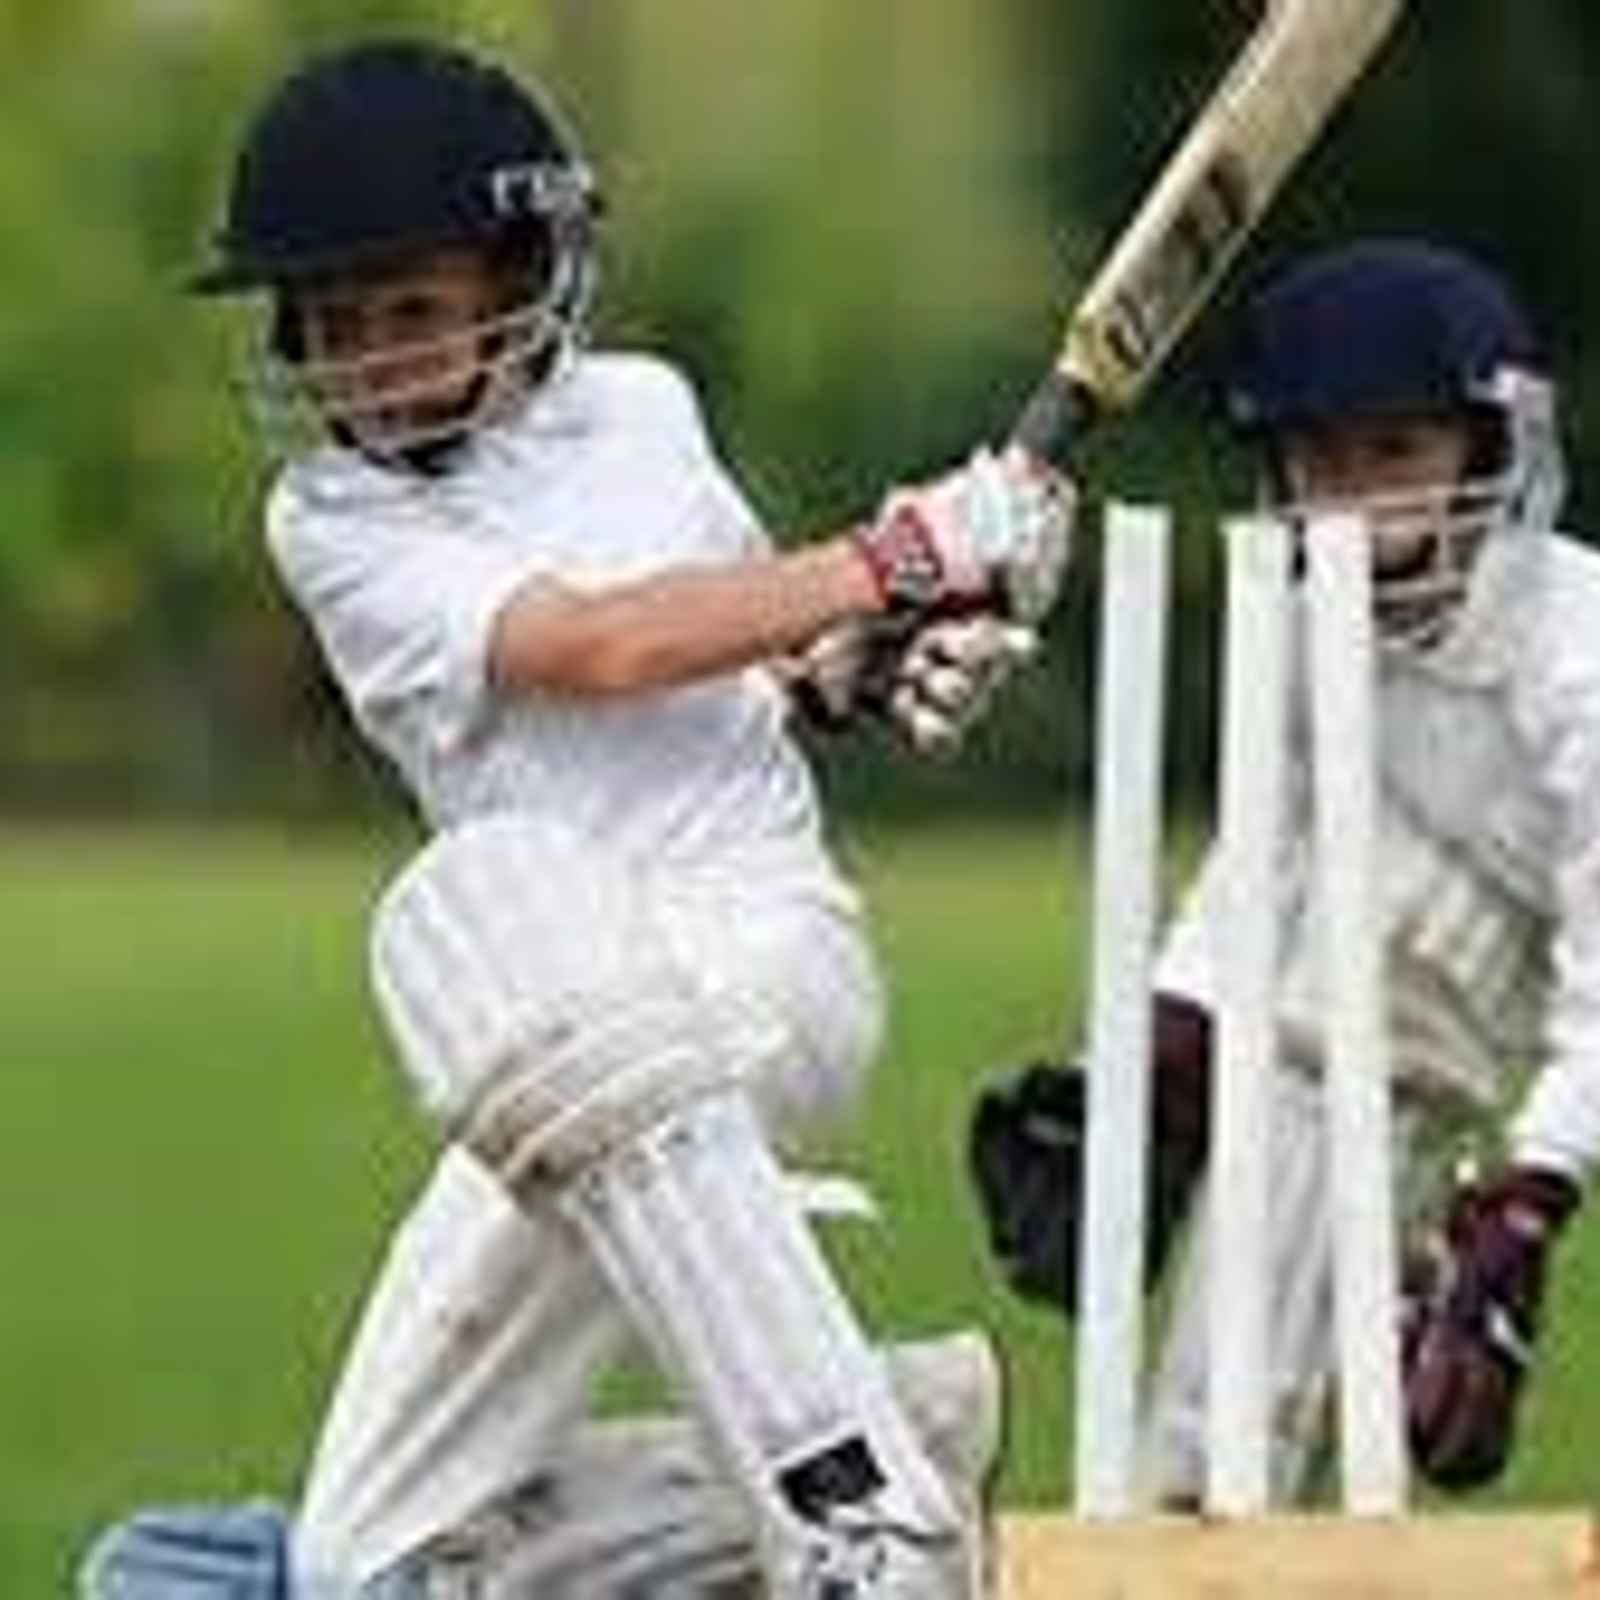 Anthony Clarke Memorial T20 cricket game vs Tunbridge Wells Borderers. Sunday 4th September 1PM start at St Marks.